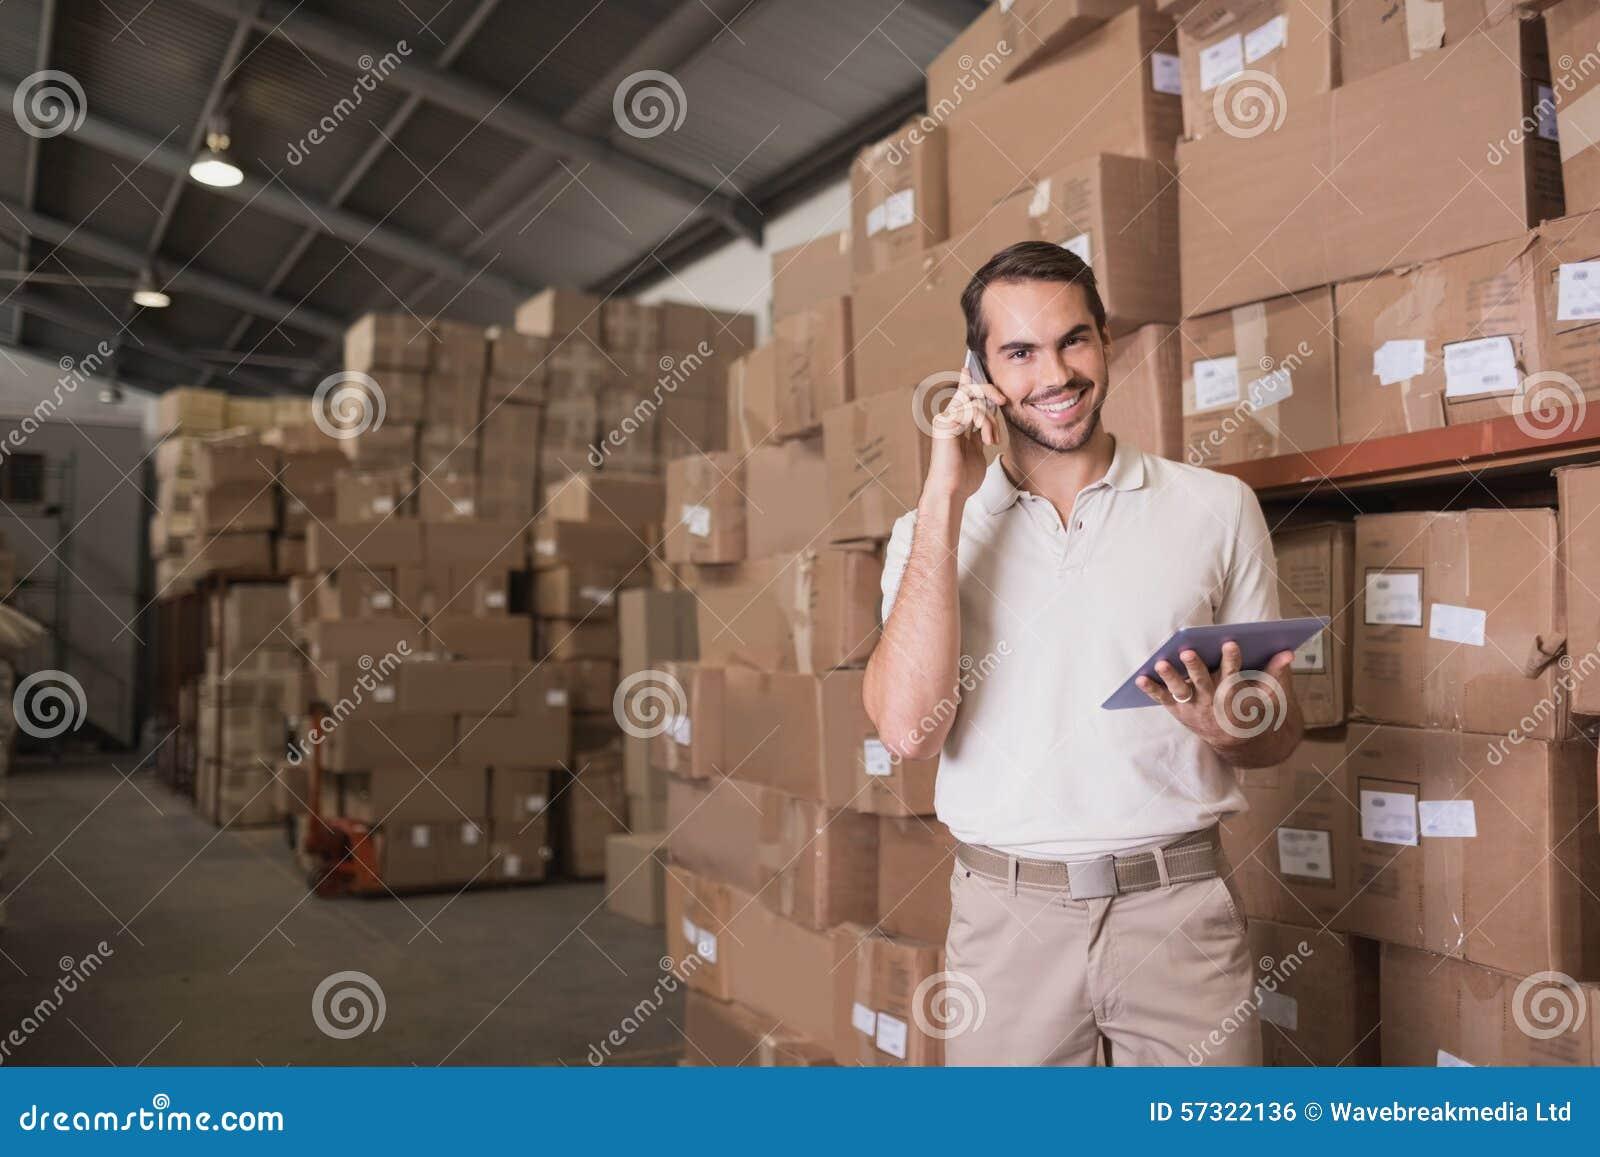 Работник с мобильным телефоном и цифровой таблеткой в складе